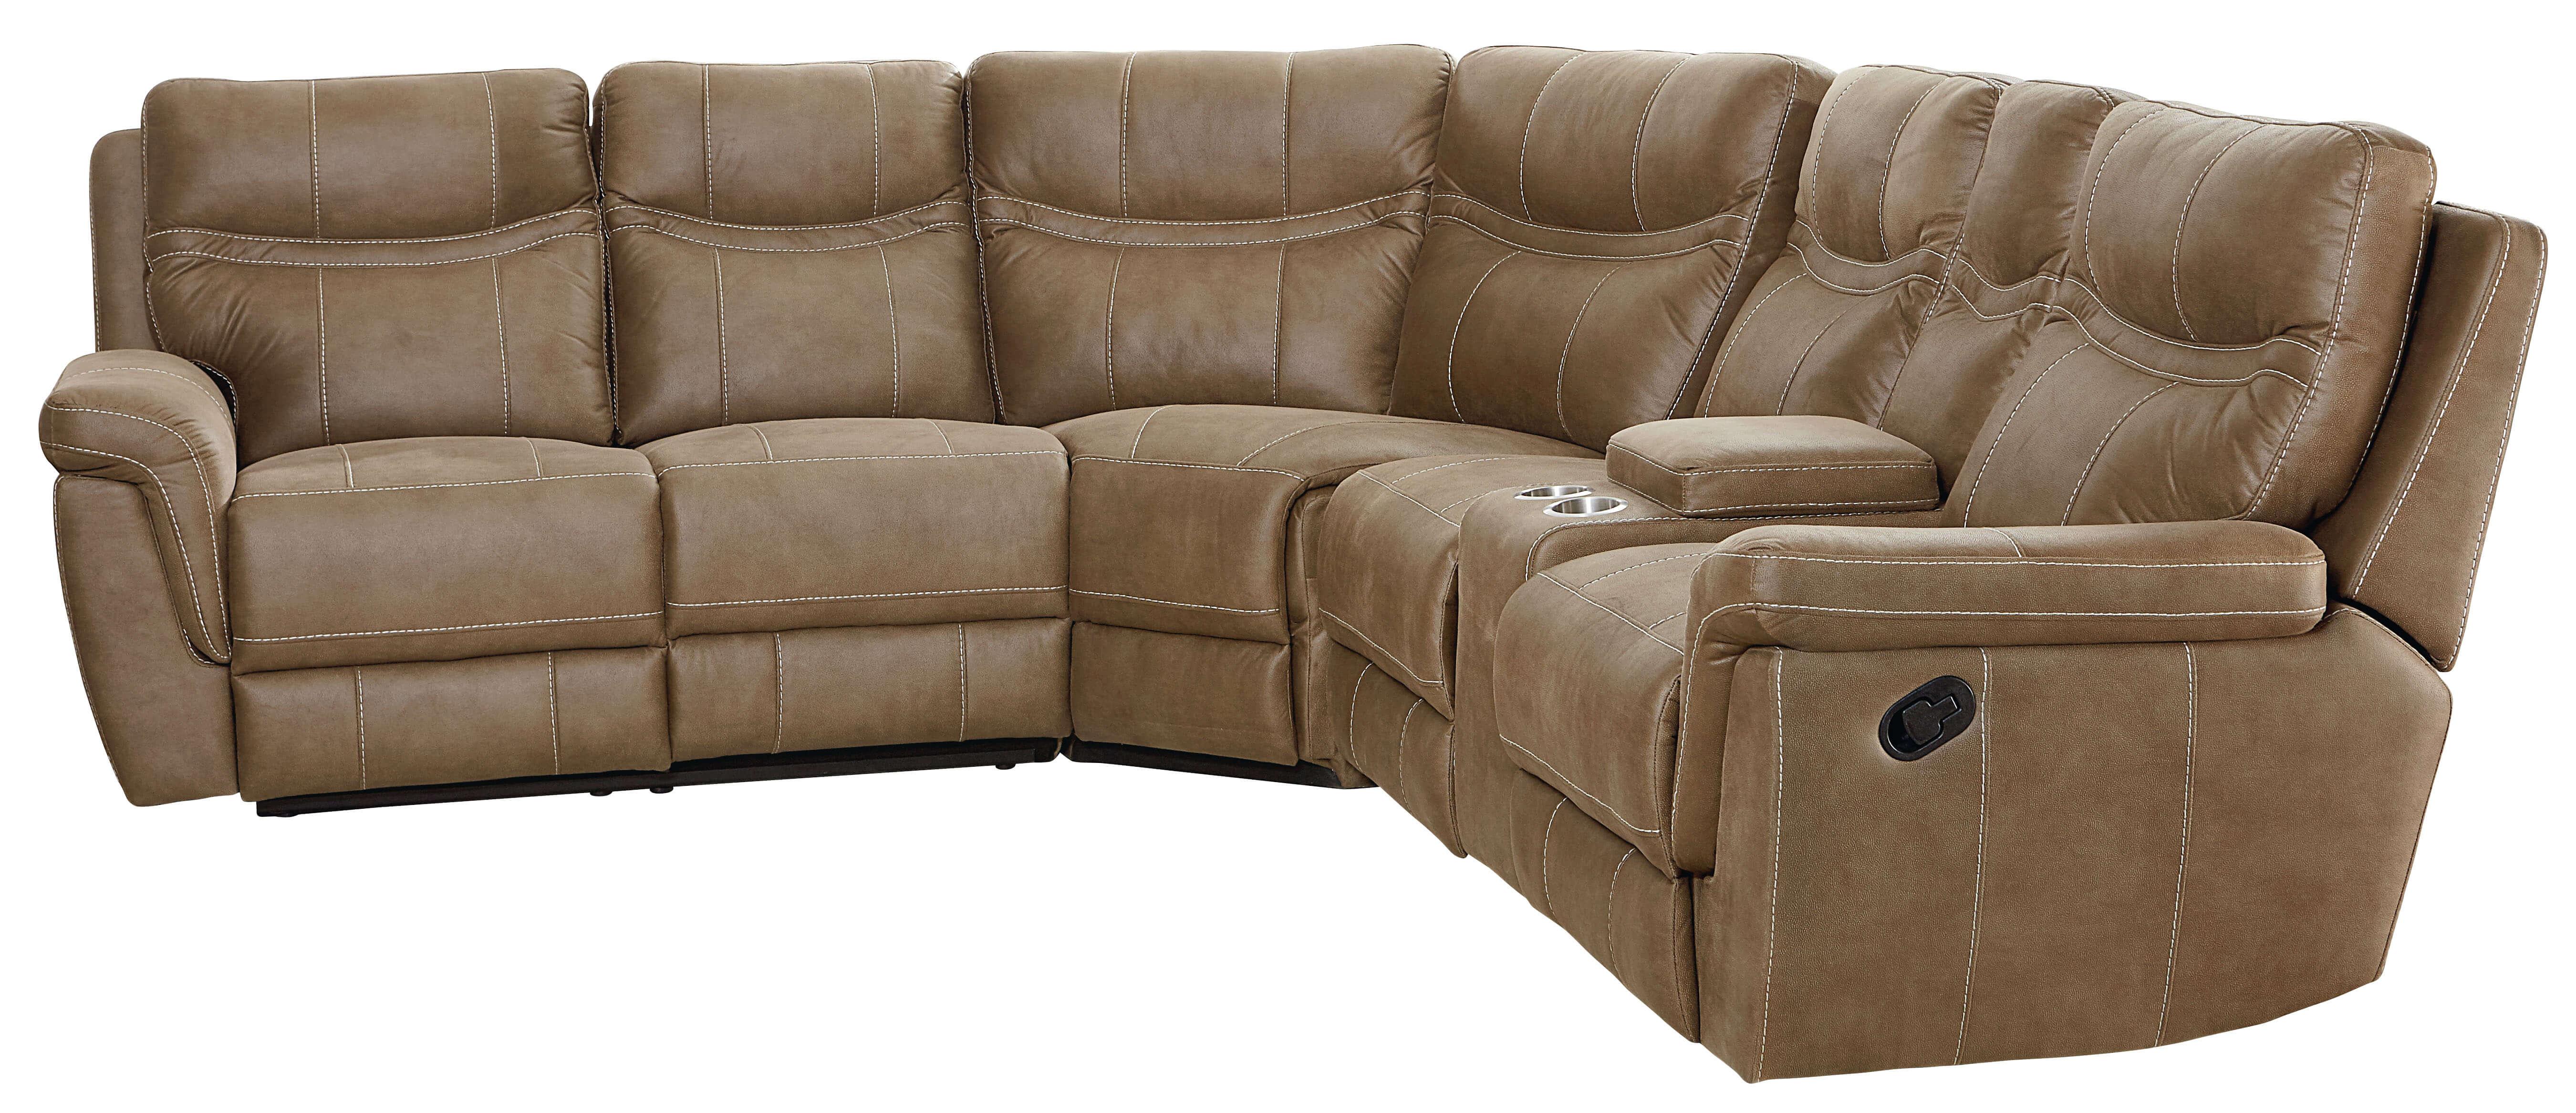 boardwalk sofa review italian recliner home the honoroak